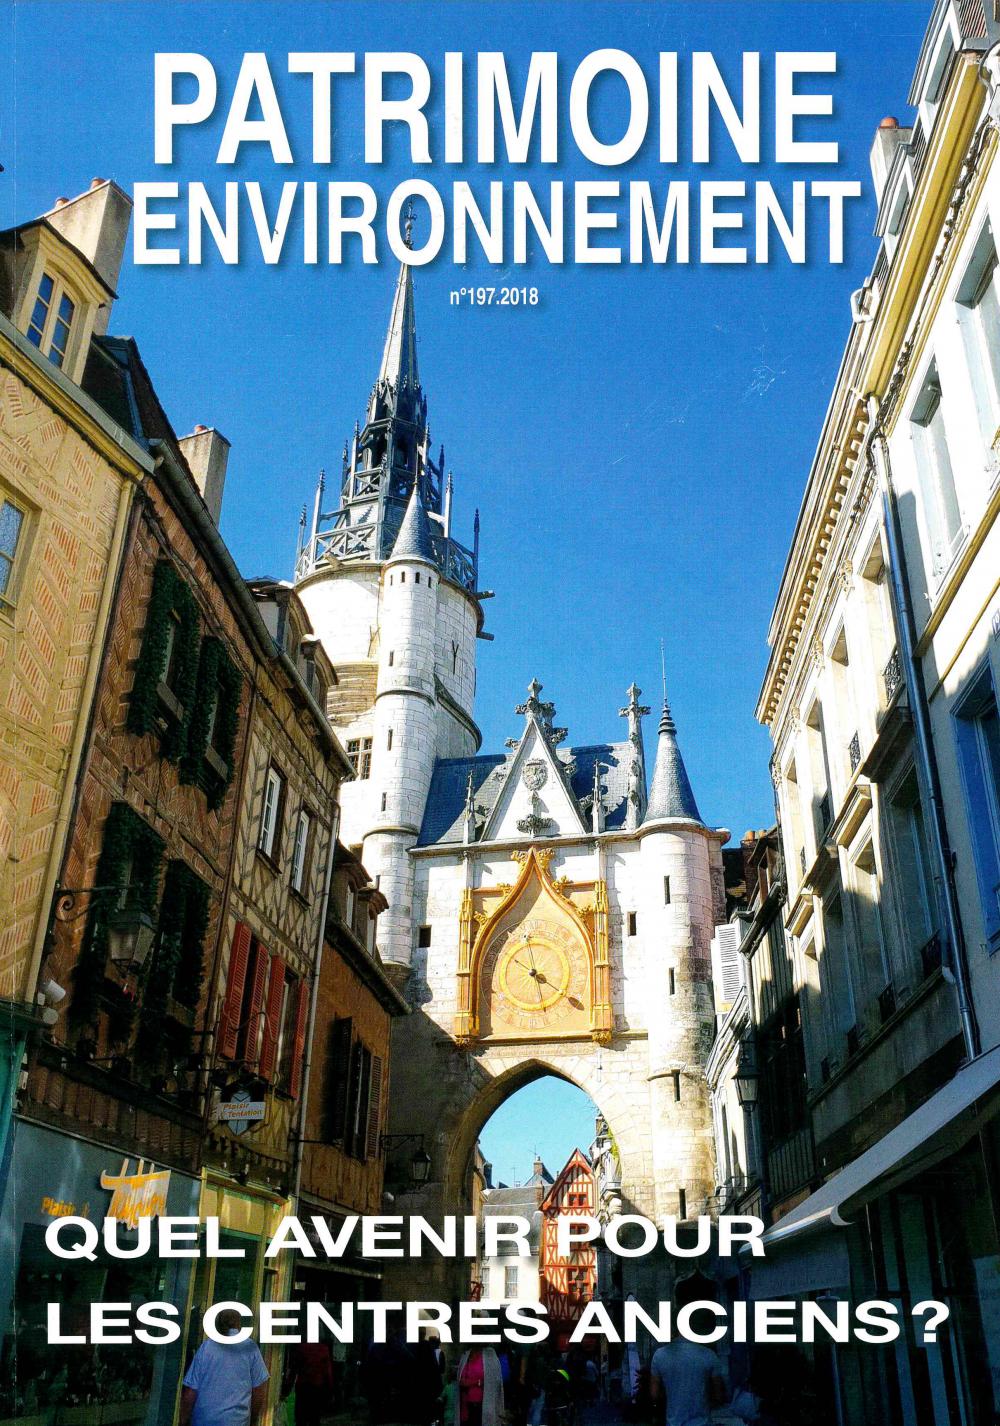 Nouvelle revue de Patrimoine Environnement